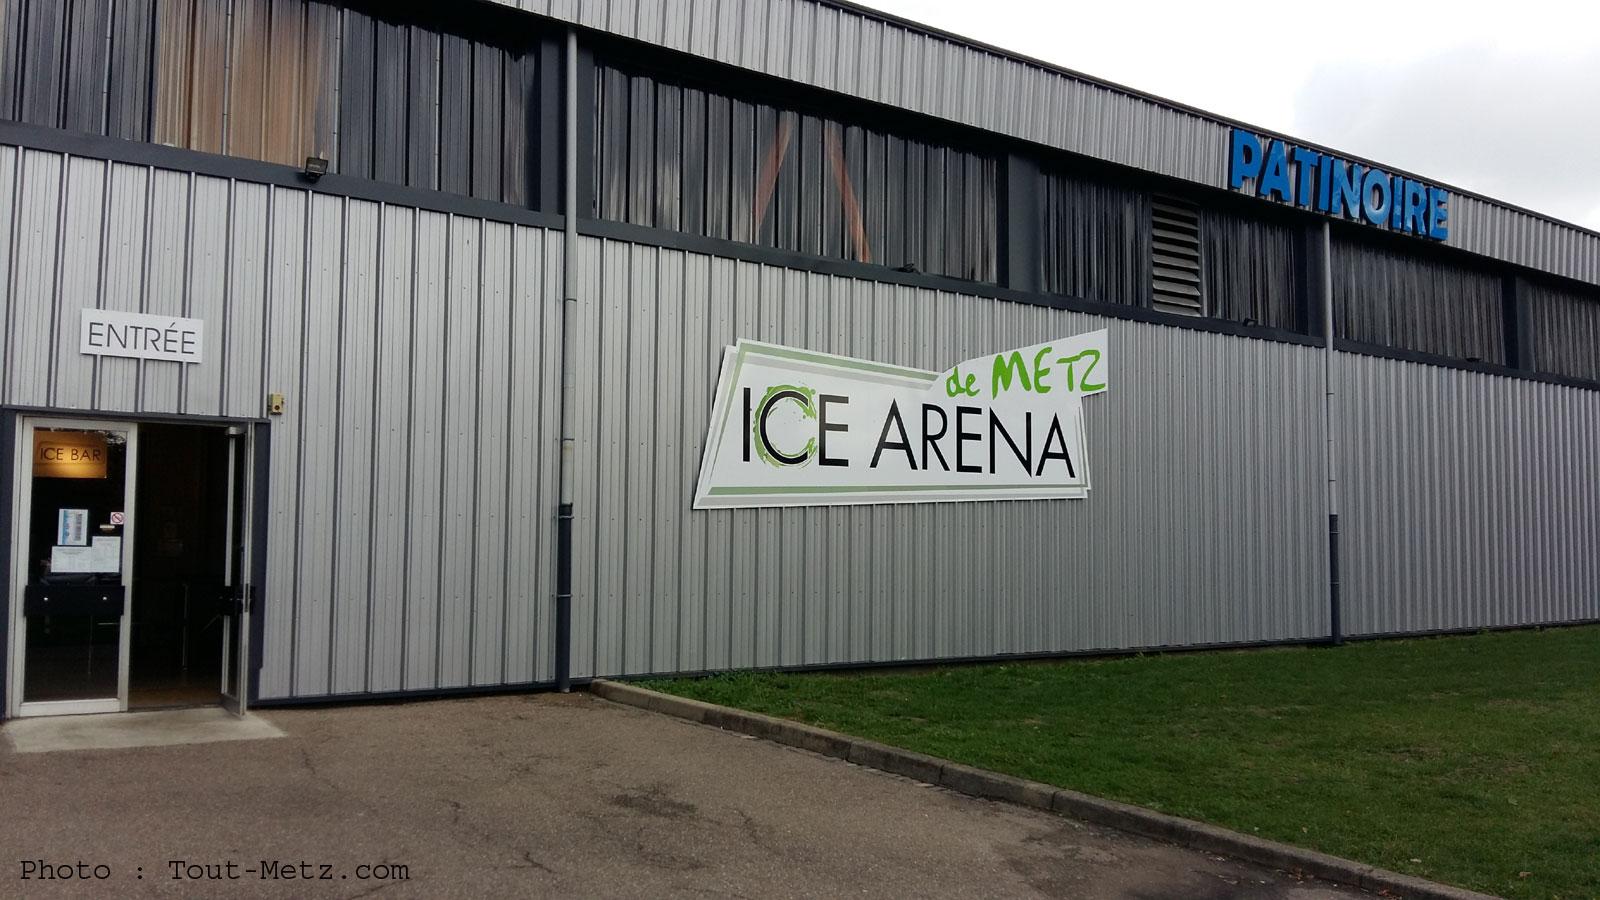 La patinoire de Metz attaque une nouvelle saison riche en animations